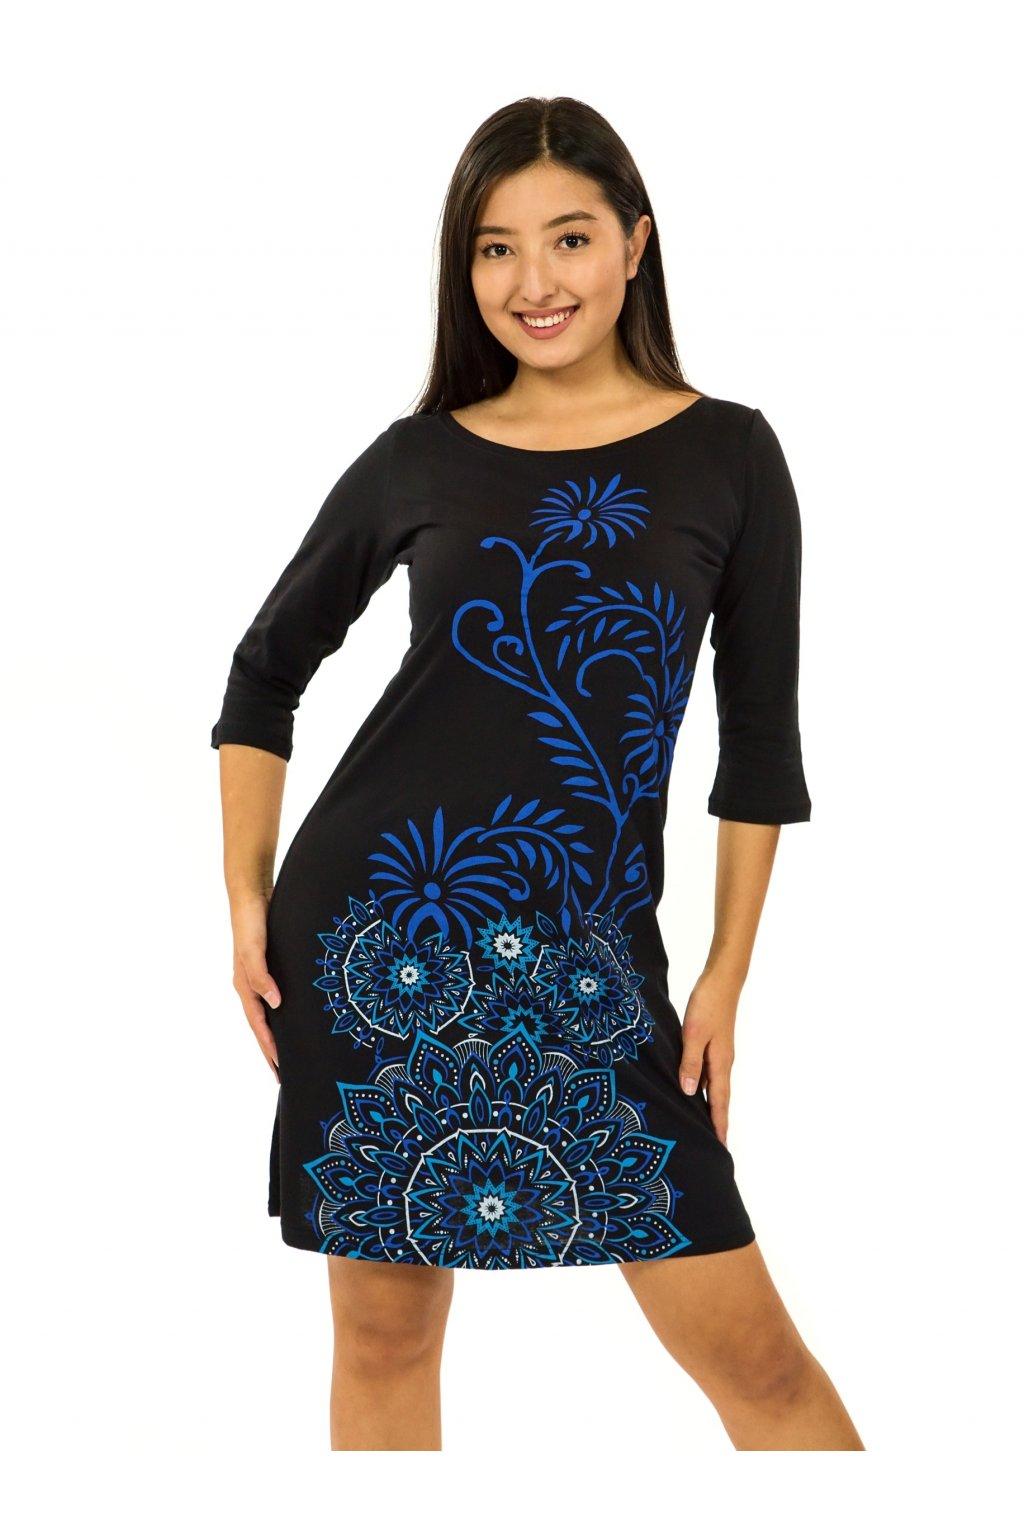 Šaty s 3/4 rukávem Krisha - černá s modrou